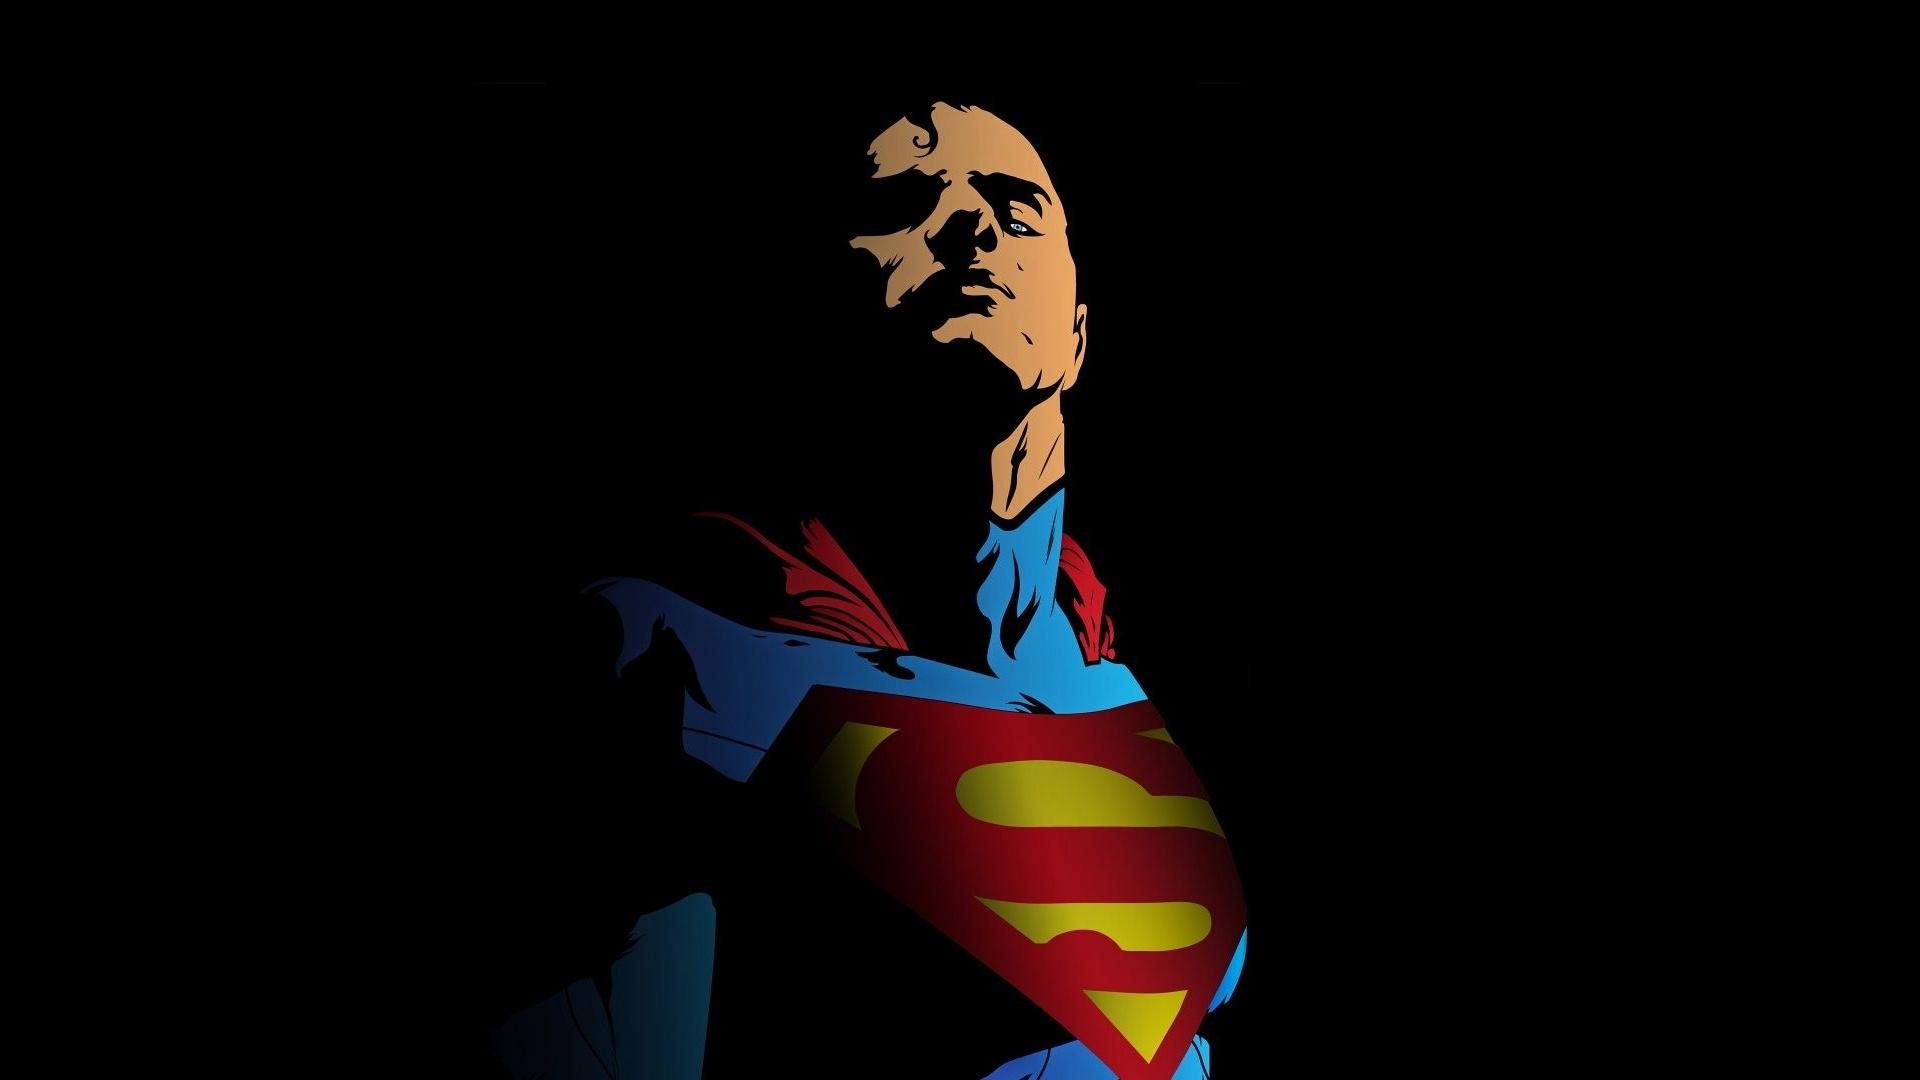 Superman, minimal, art, 1920x1080 wallpaper